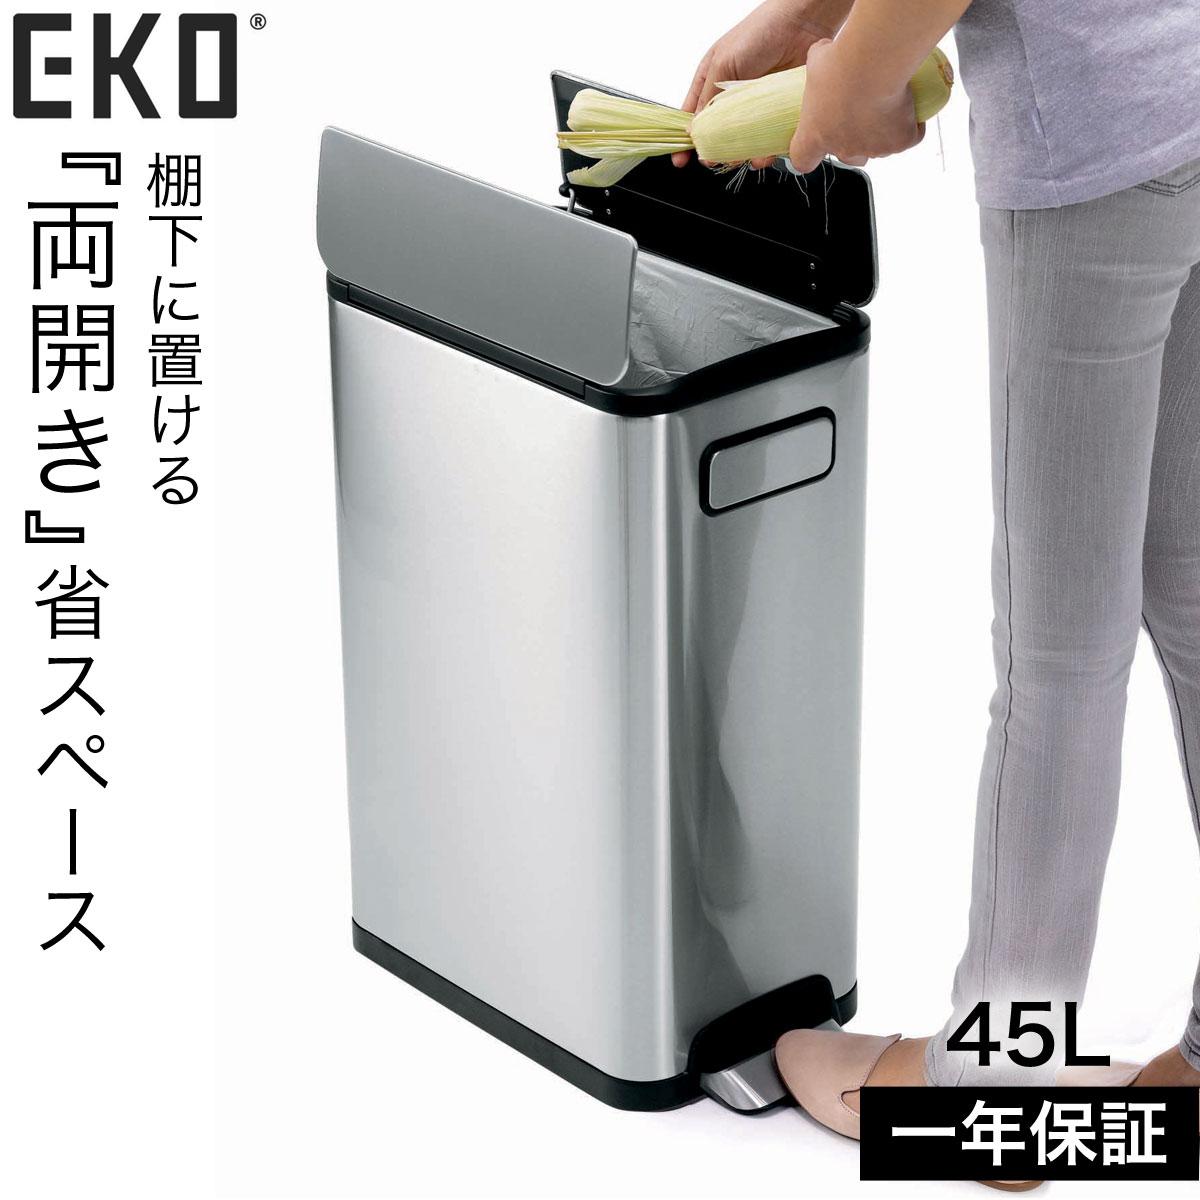 ゴミ箱 ごみ箱 ステンレス ふた付き おしゃれ 45リットル EKO エコフライ ステップビン 45L EK9377MT